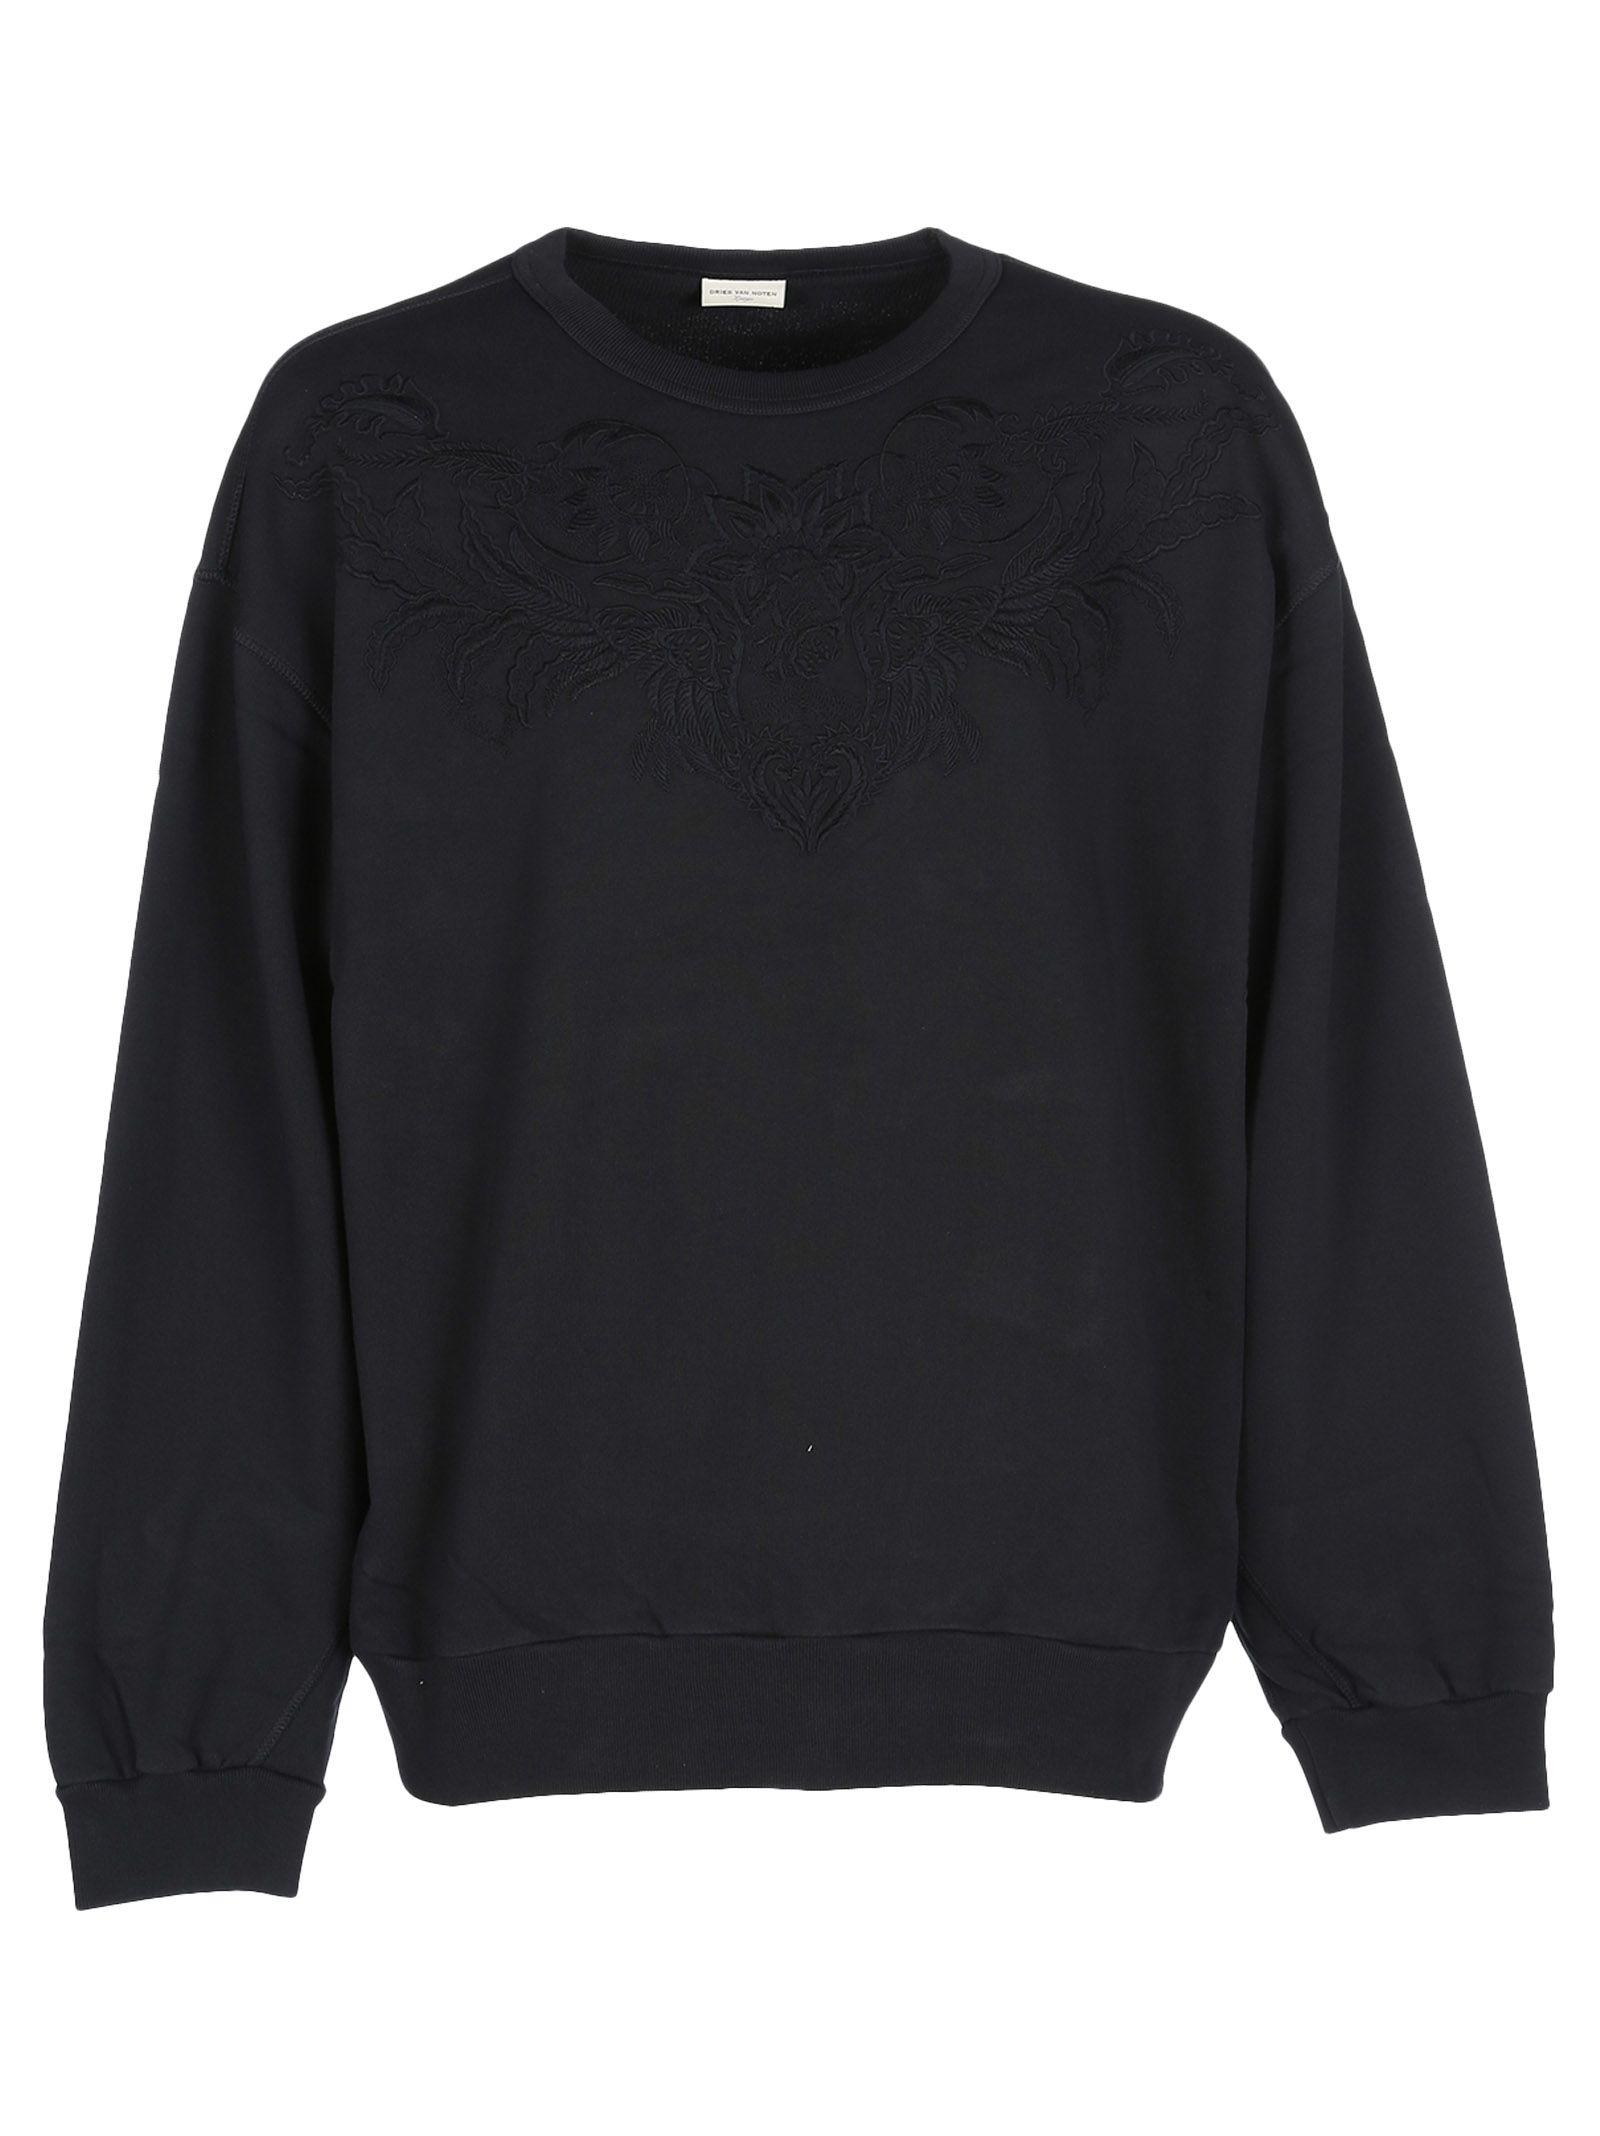 Dries Van Noten Embroidered Oversized Sweatshirt